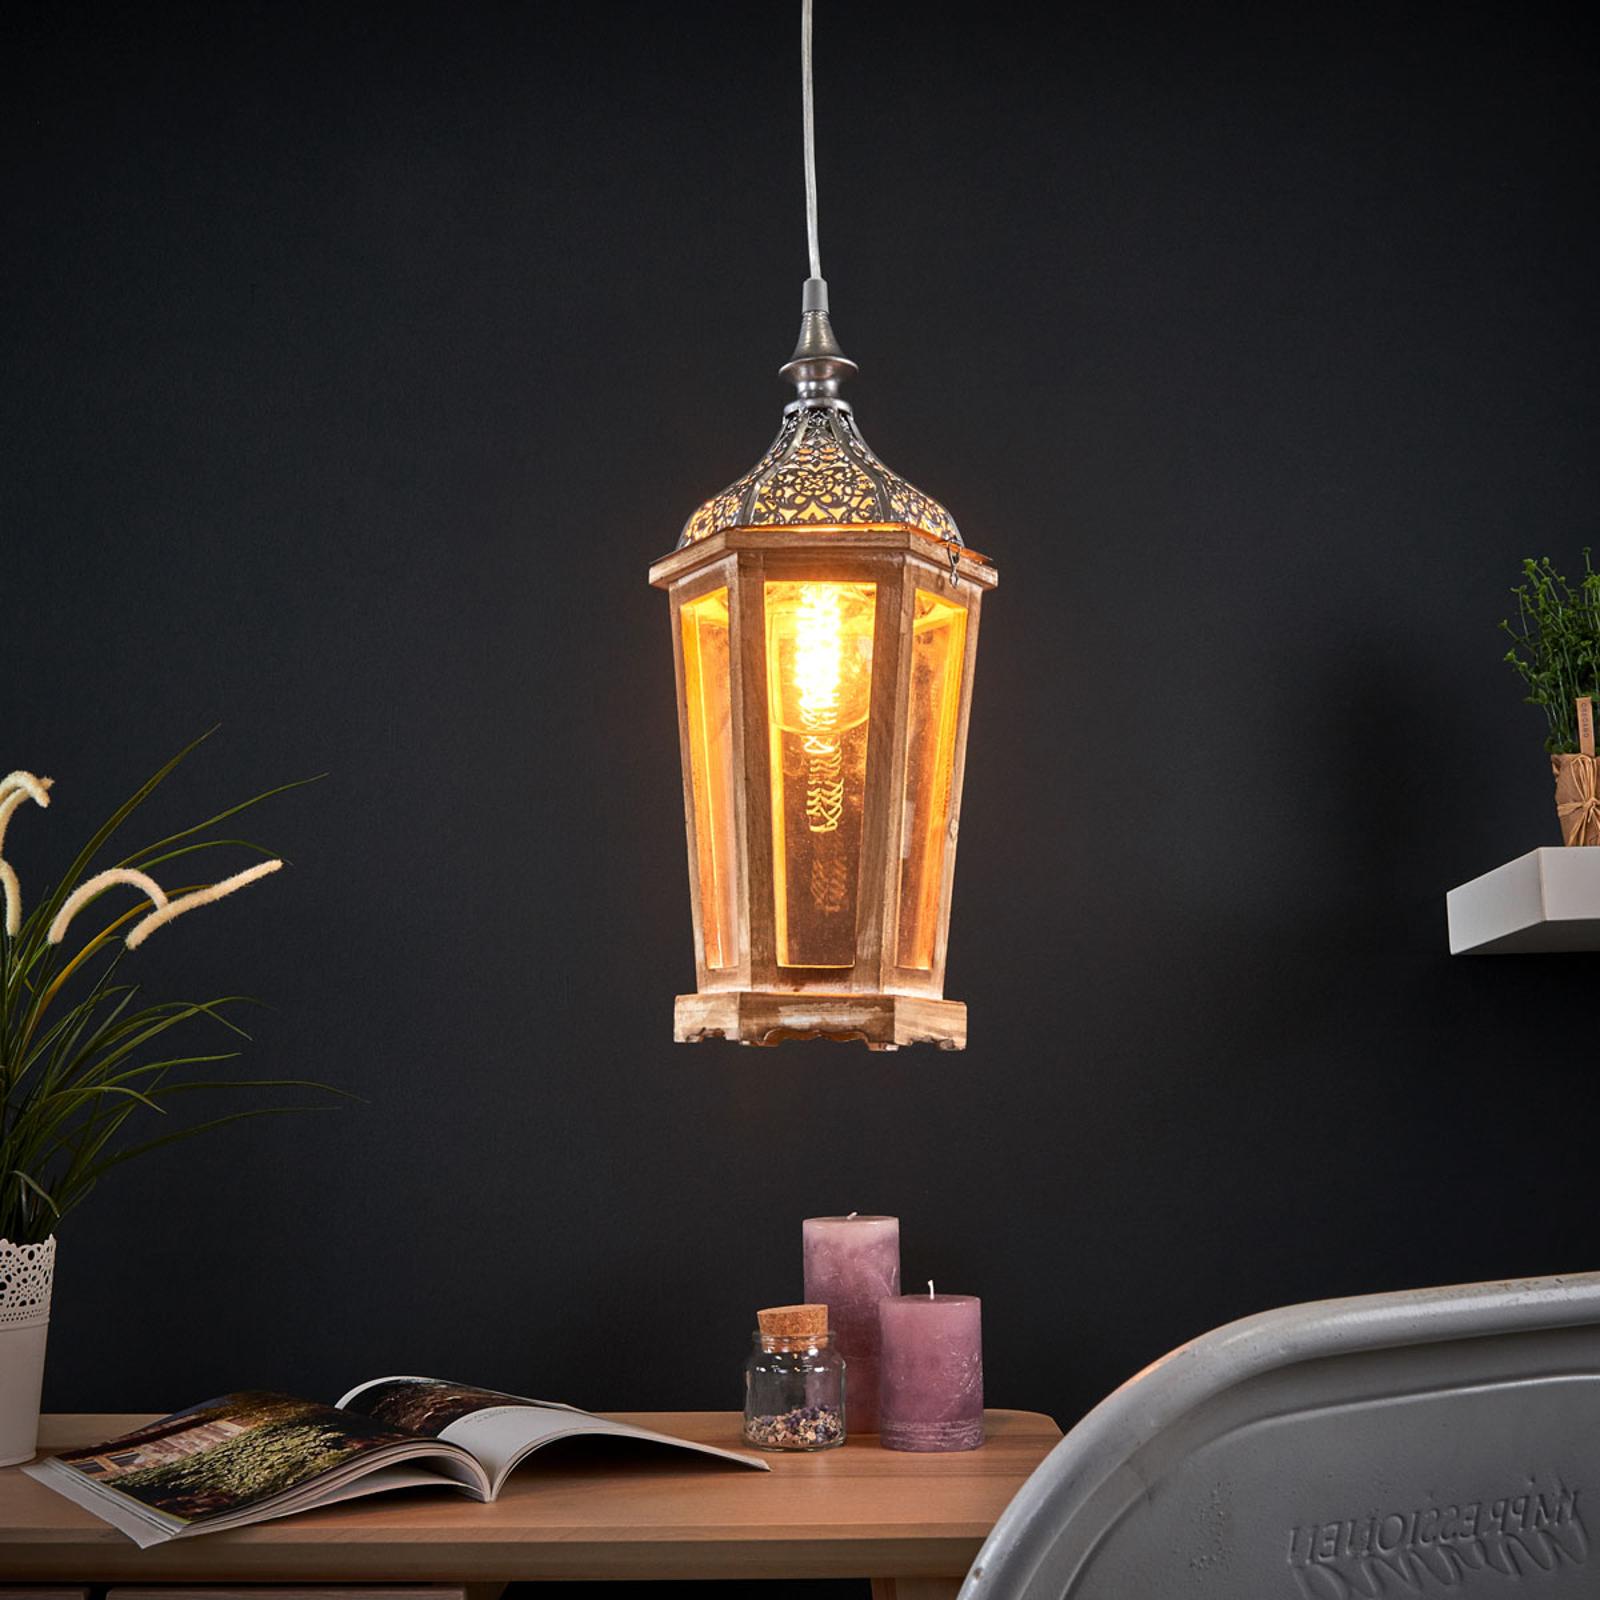 Wooden Margrit hanging light_3031677_1